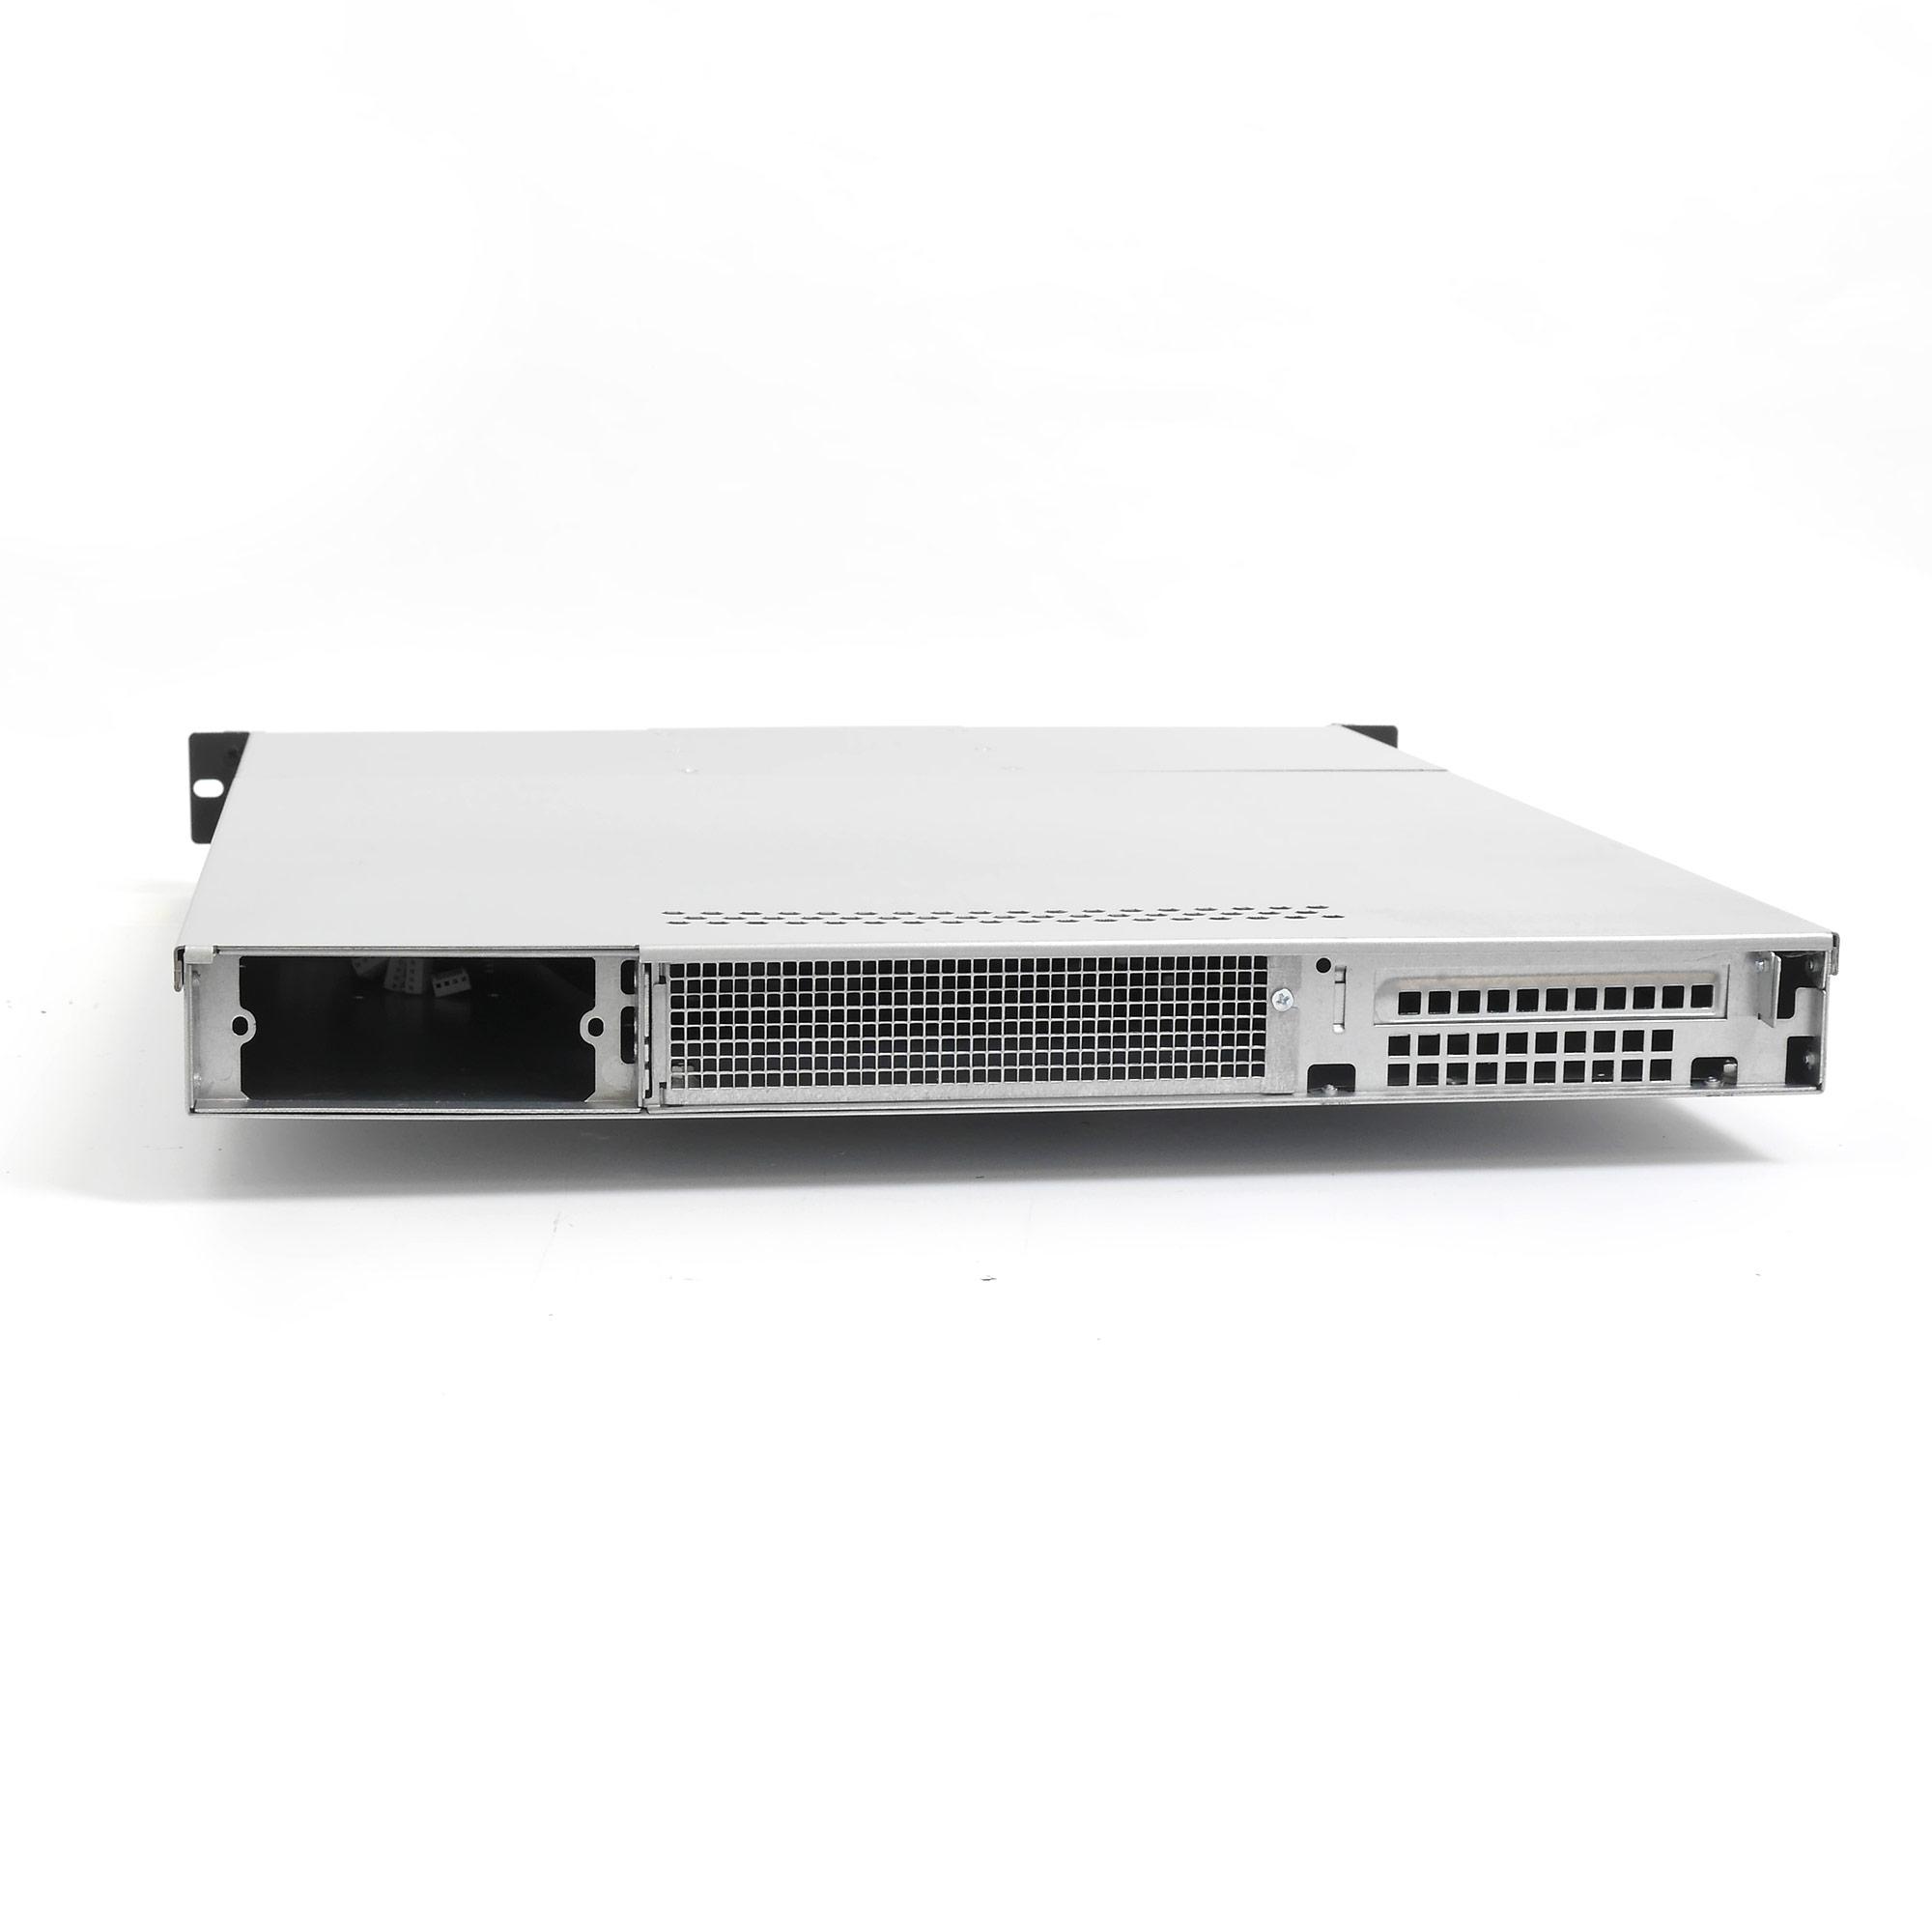 """Серверный корпус 1U NR-D155 2*300Вт (ATX 10.5x12, 2х5.25, 3x3.5""""int, 550mm), черный, NegoRack"""